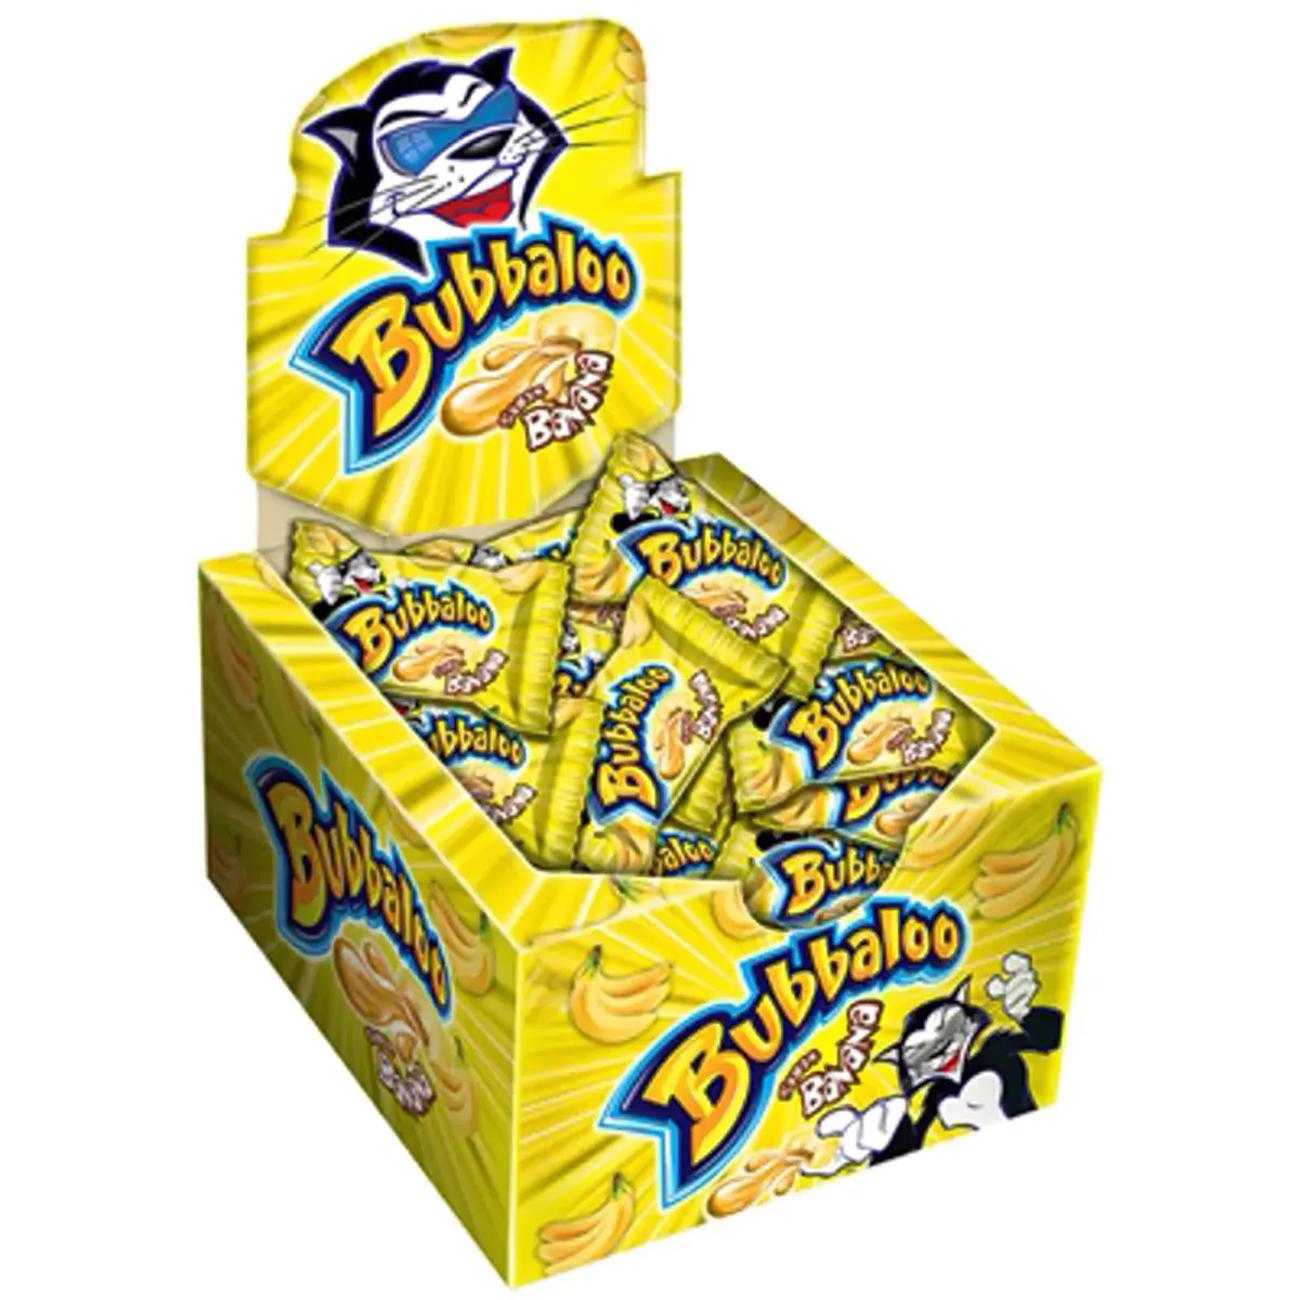 Goma de Mascar Bubbaloo 60Un Banana